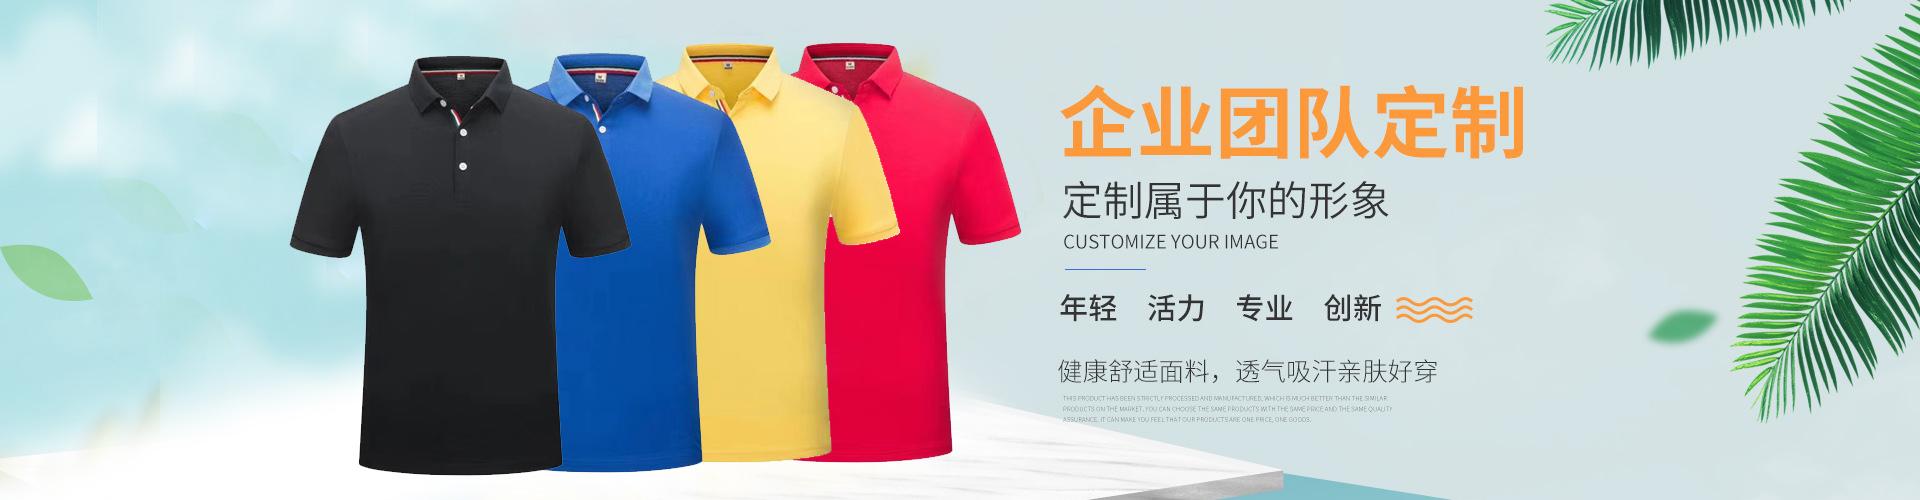 北京服装定制厂